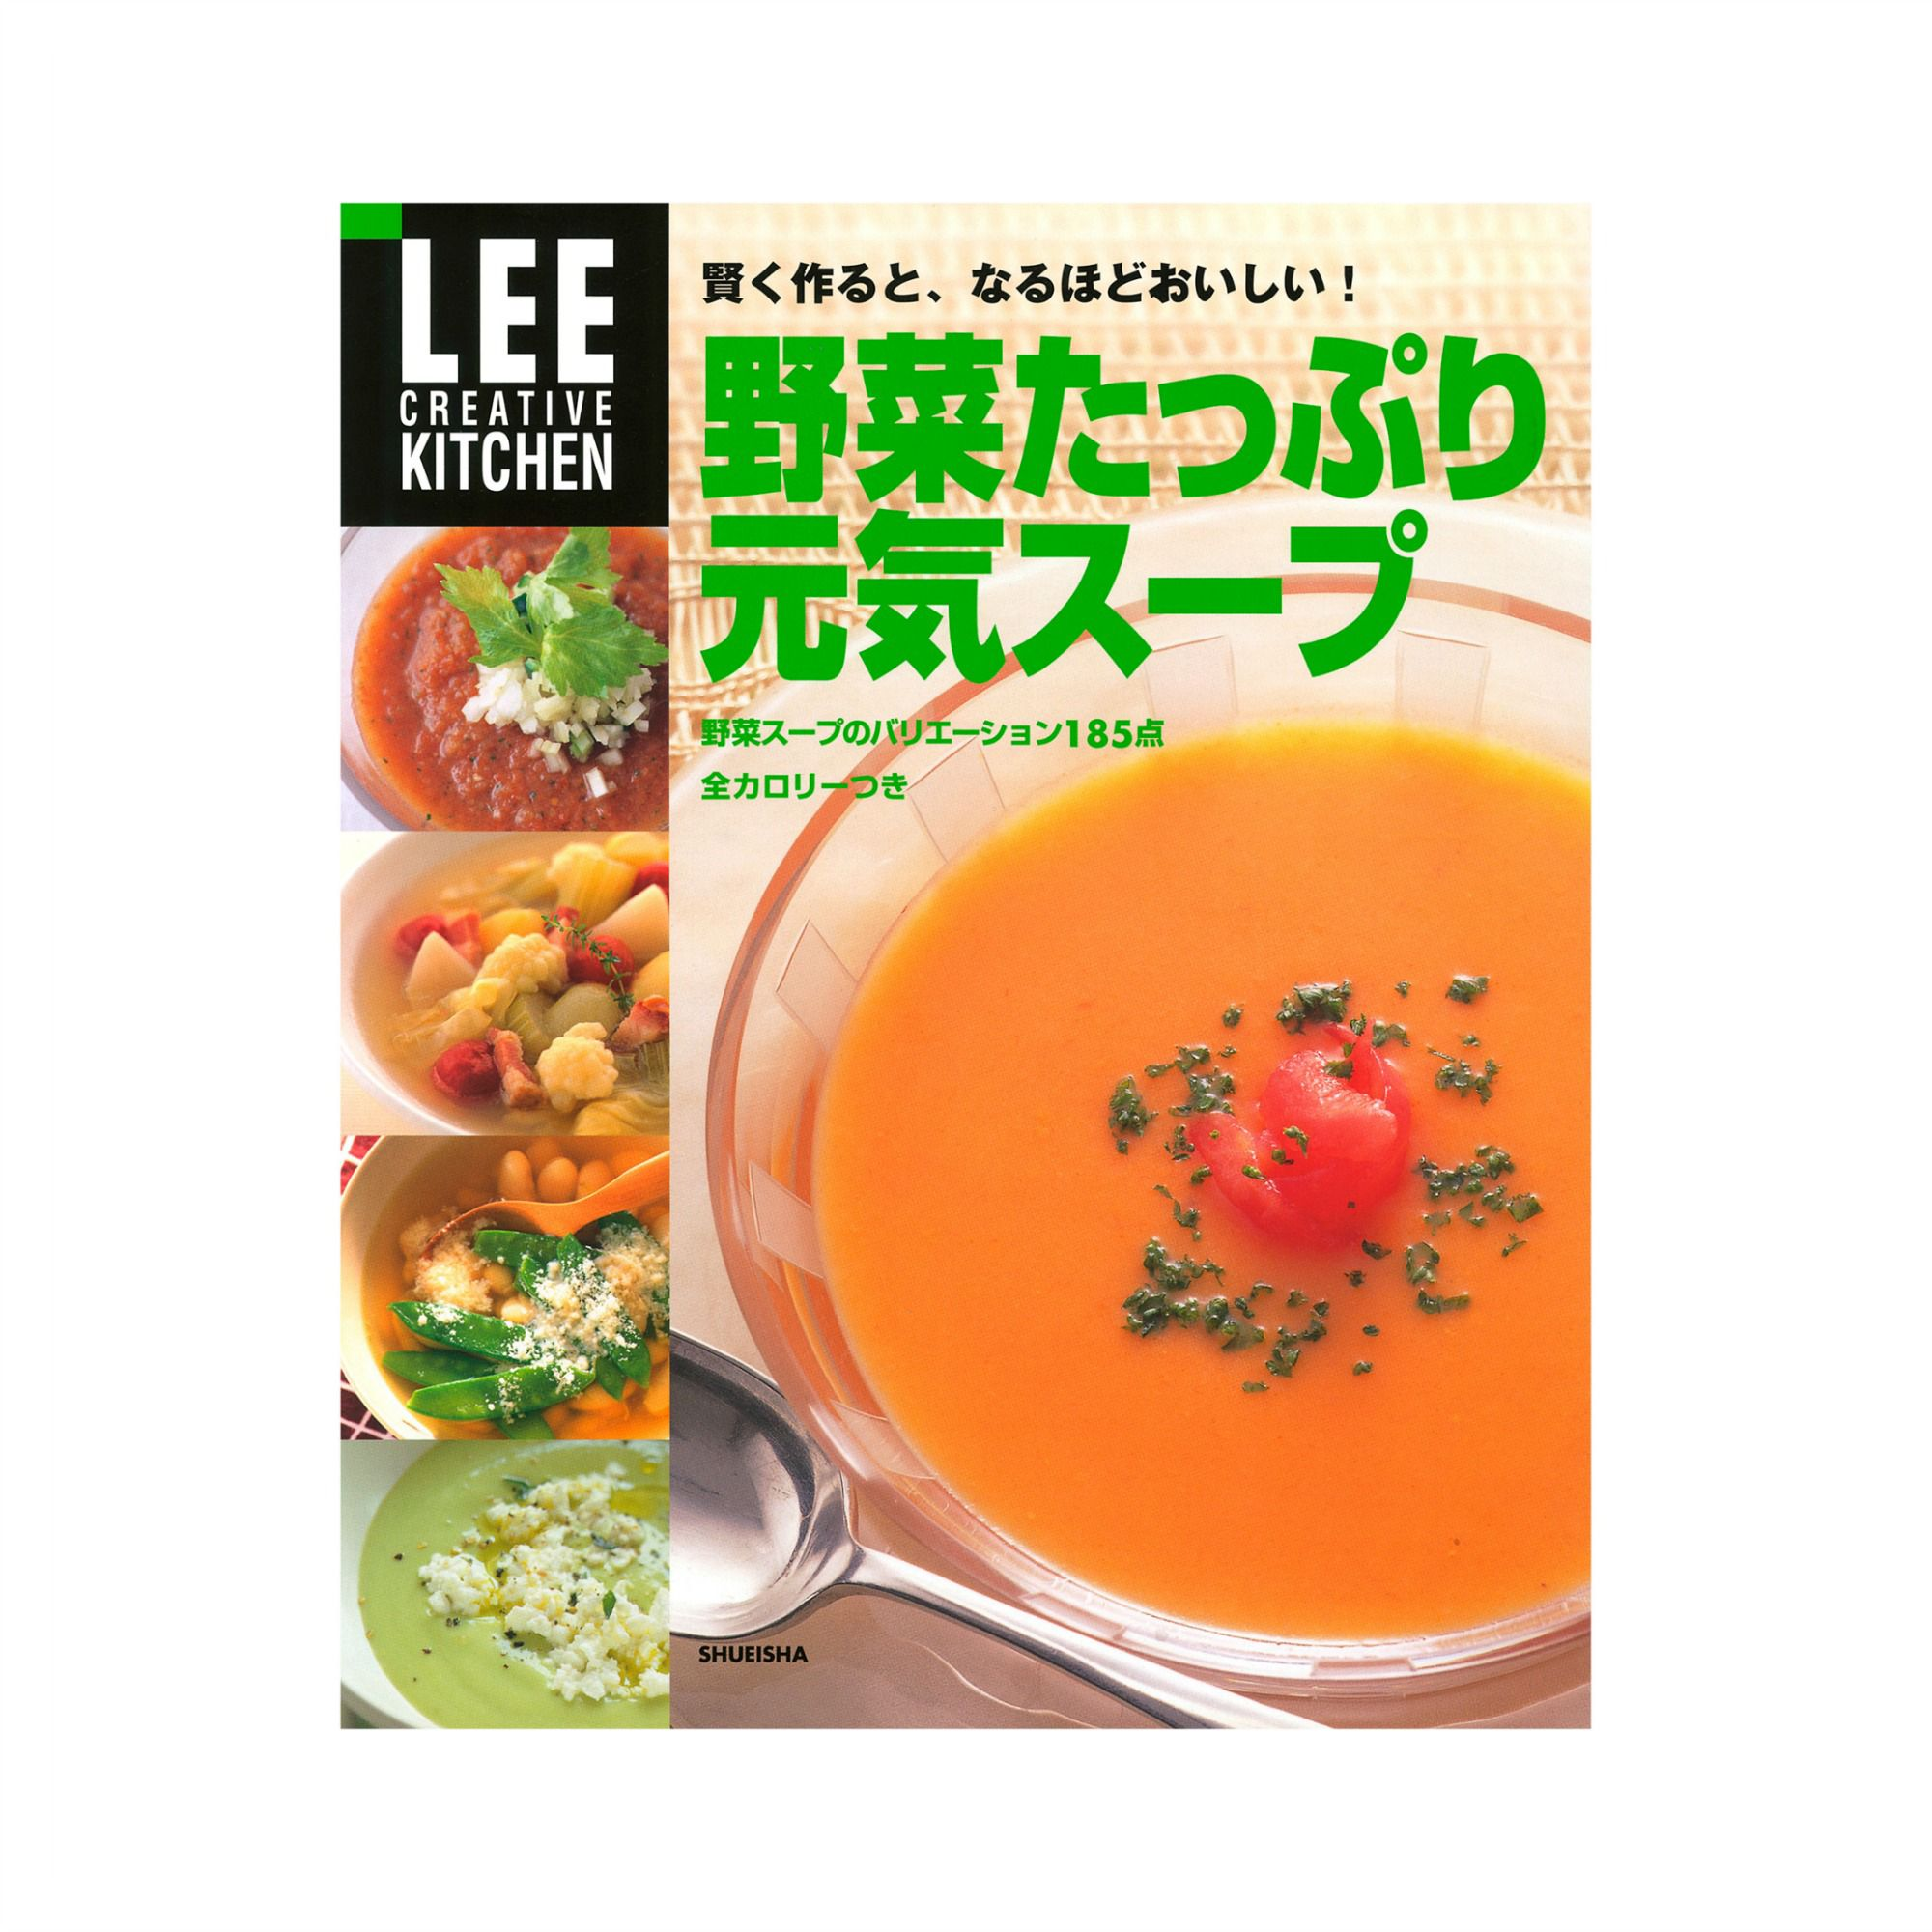 集英社 FLAGSHOPで買える「集英社(シュウエイシャ/LEE CREATIVE KITCHEN 野菜たっぷり元気スープ」の画像です。価格は1,320円になります。